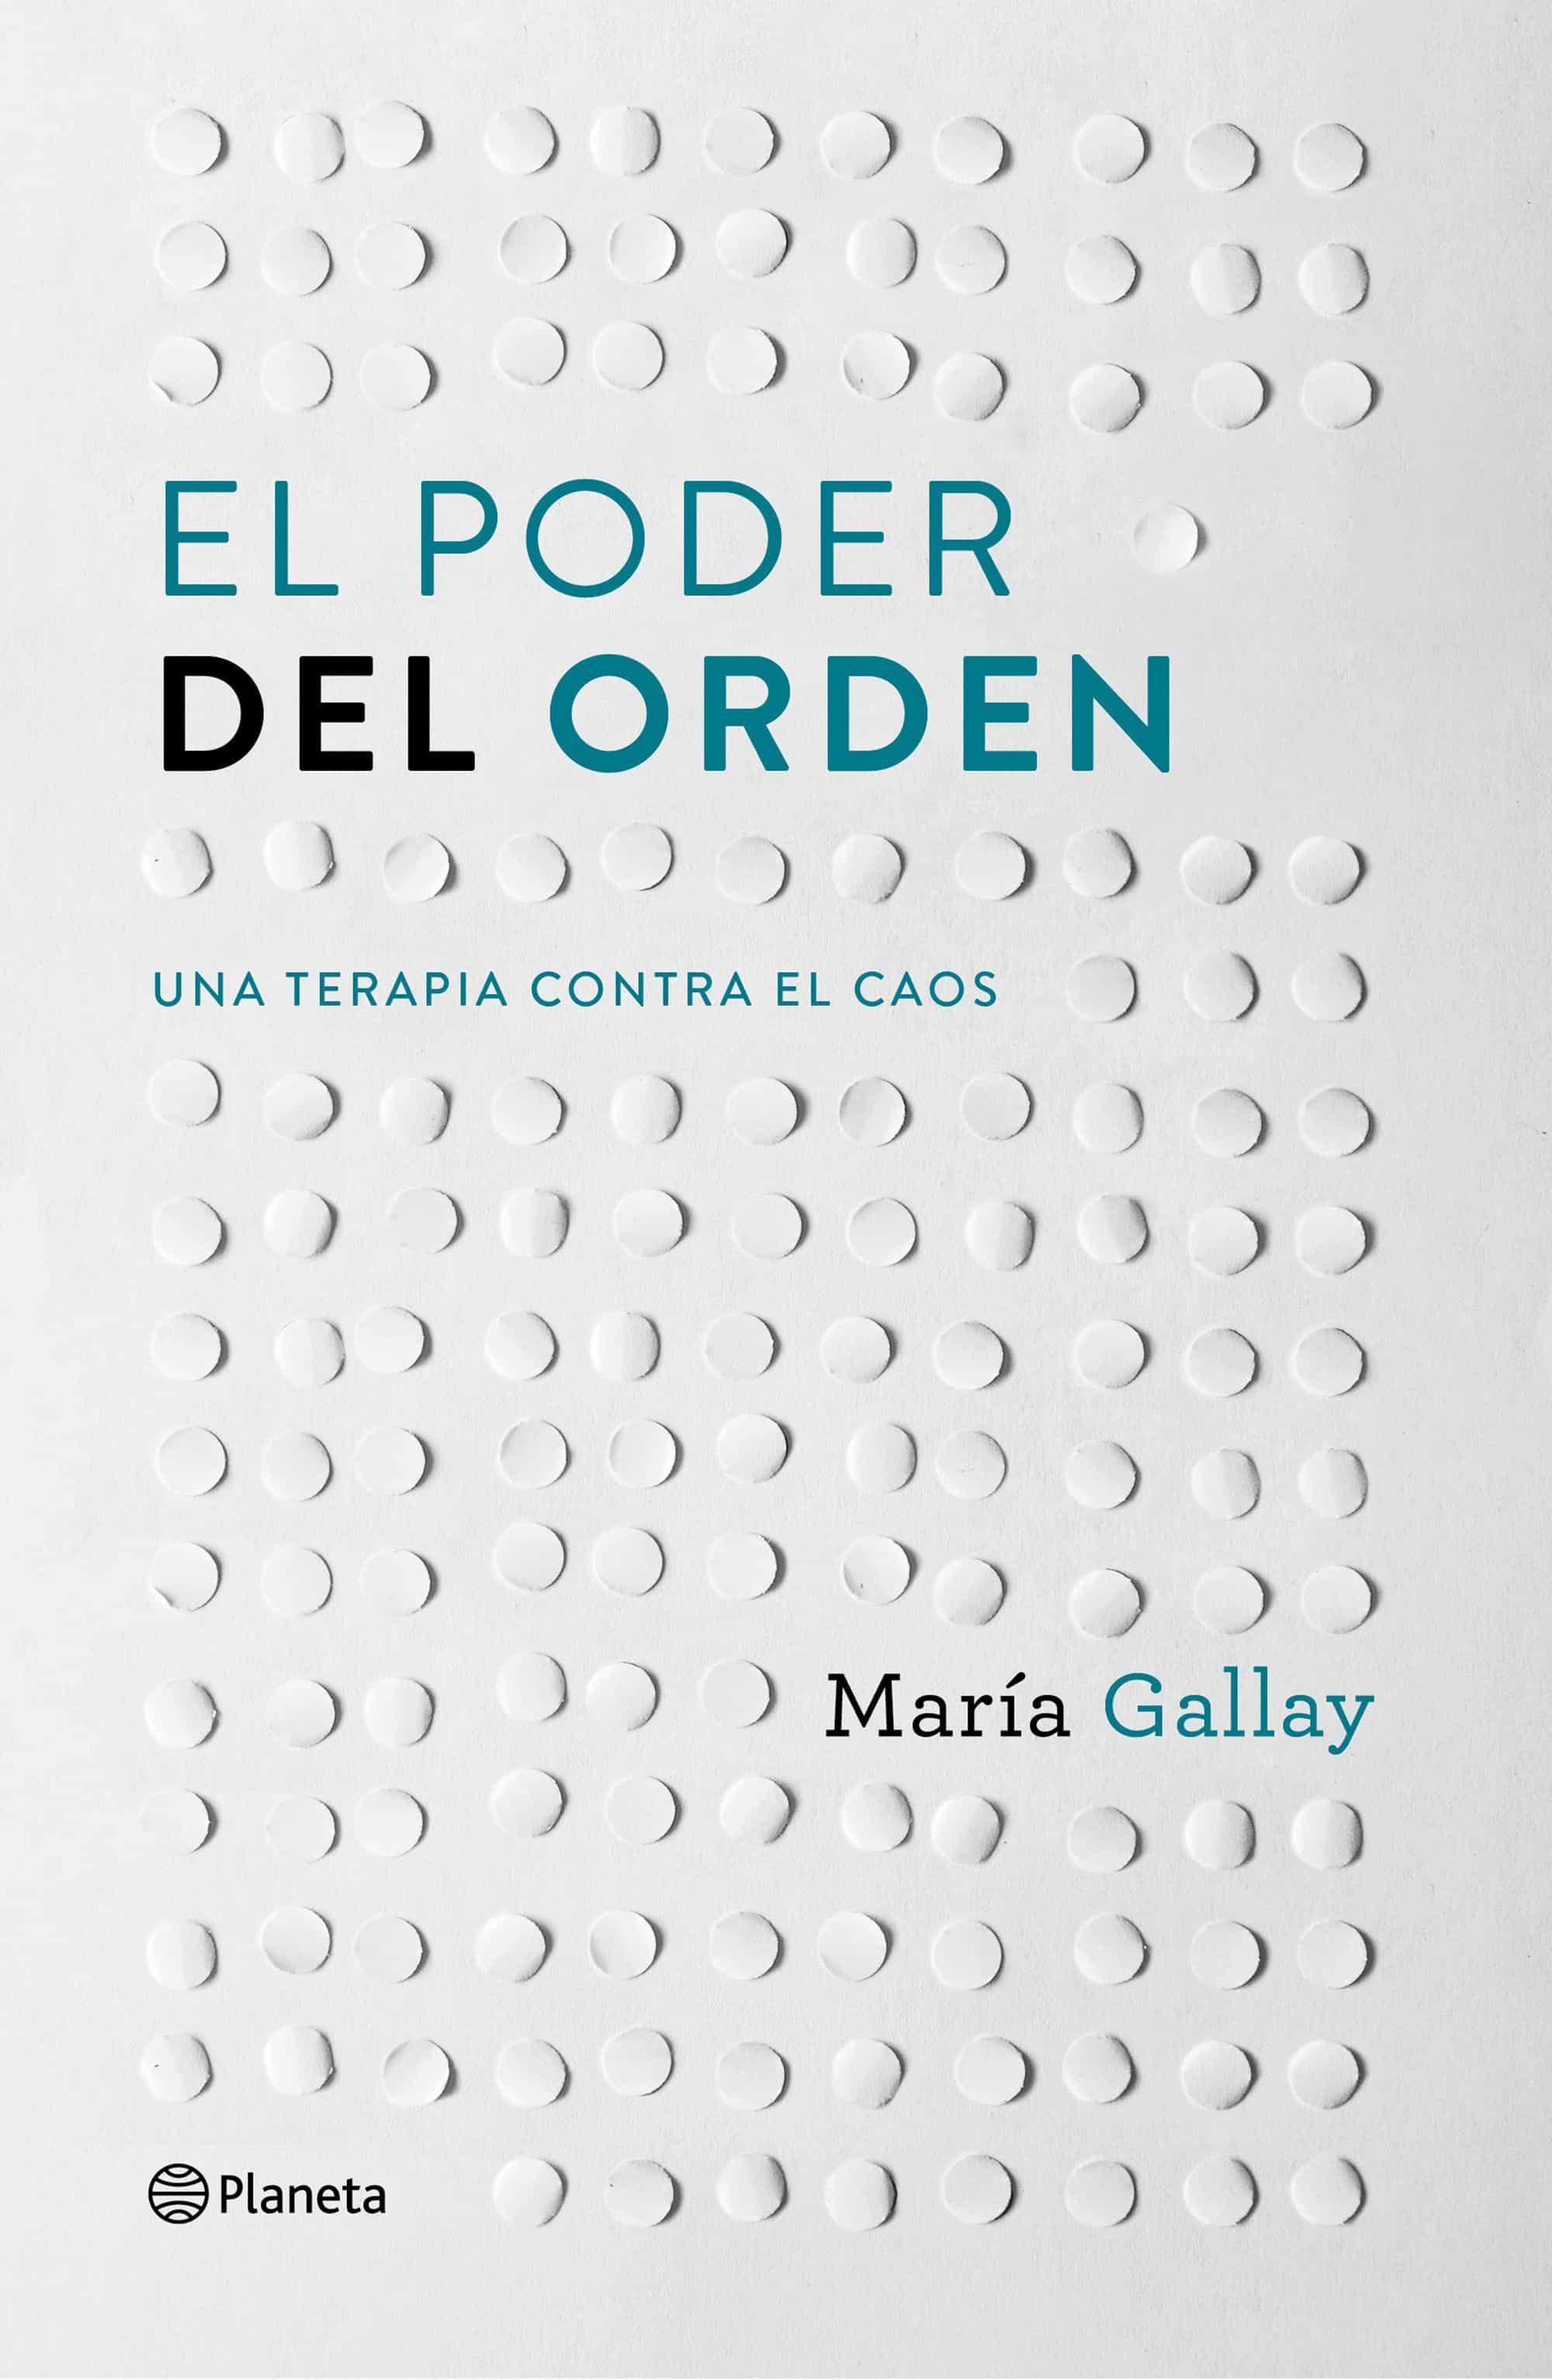 Resultado de imagen de MARIA GALLAY - El poder del orden